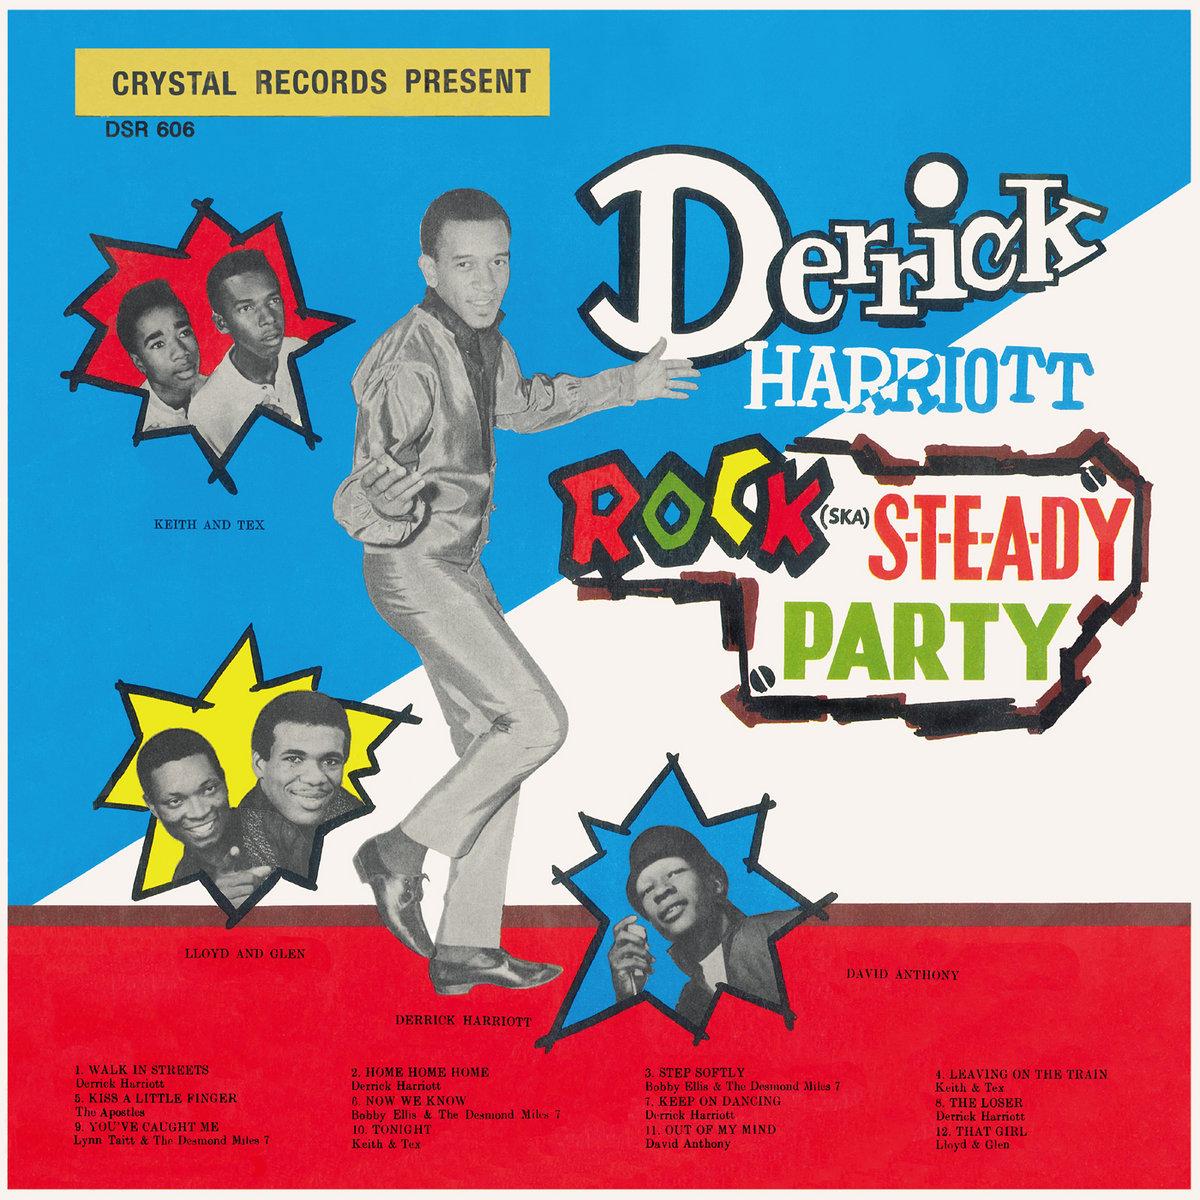 Various artists reggae rocksteady ska, vol. 3 attack mp3.